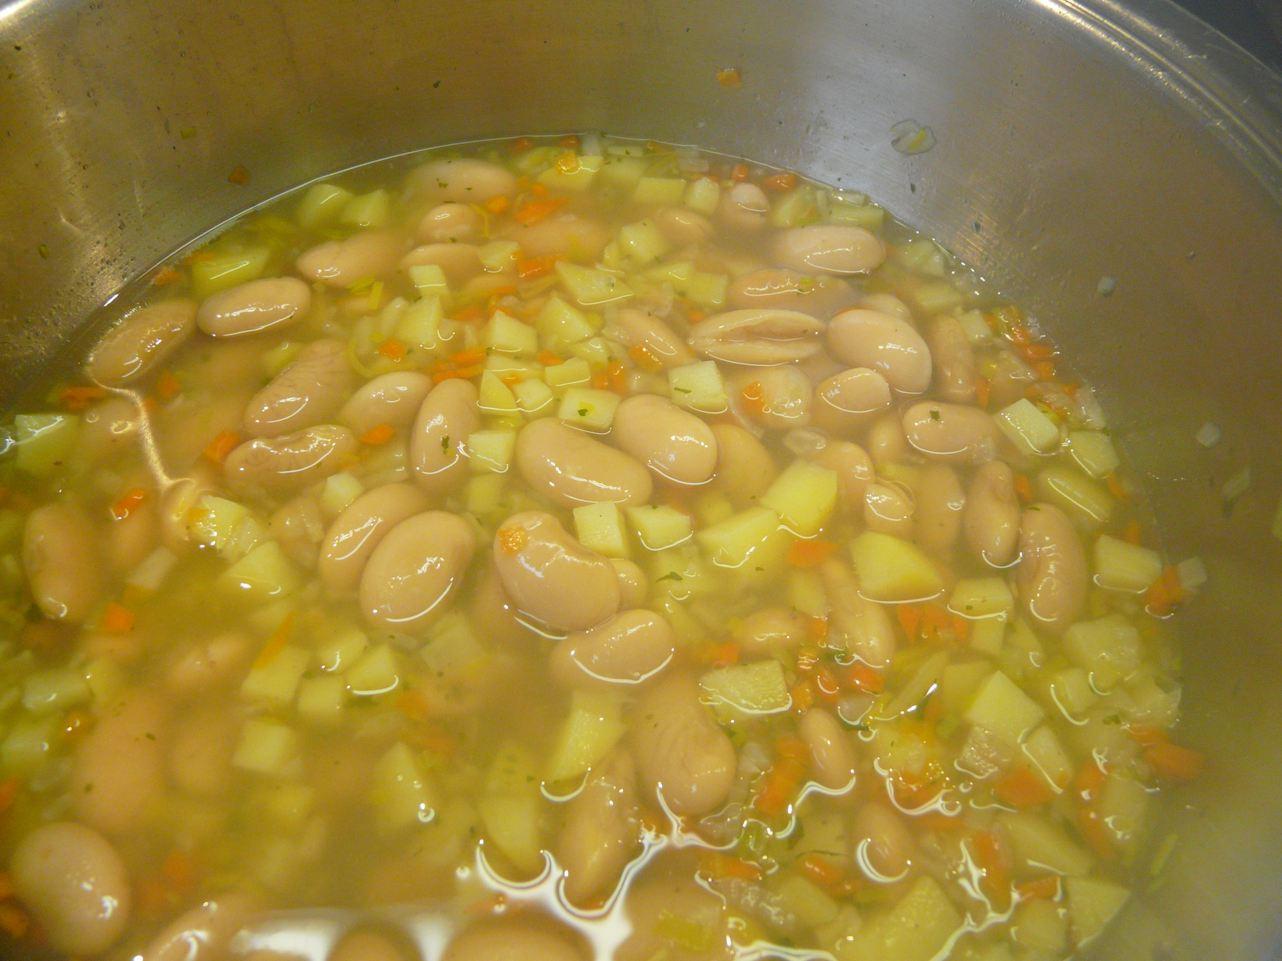 Die Suppe 20 Minuten köcheln.